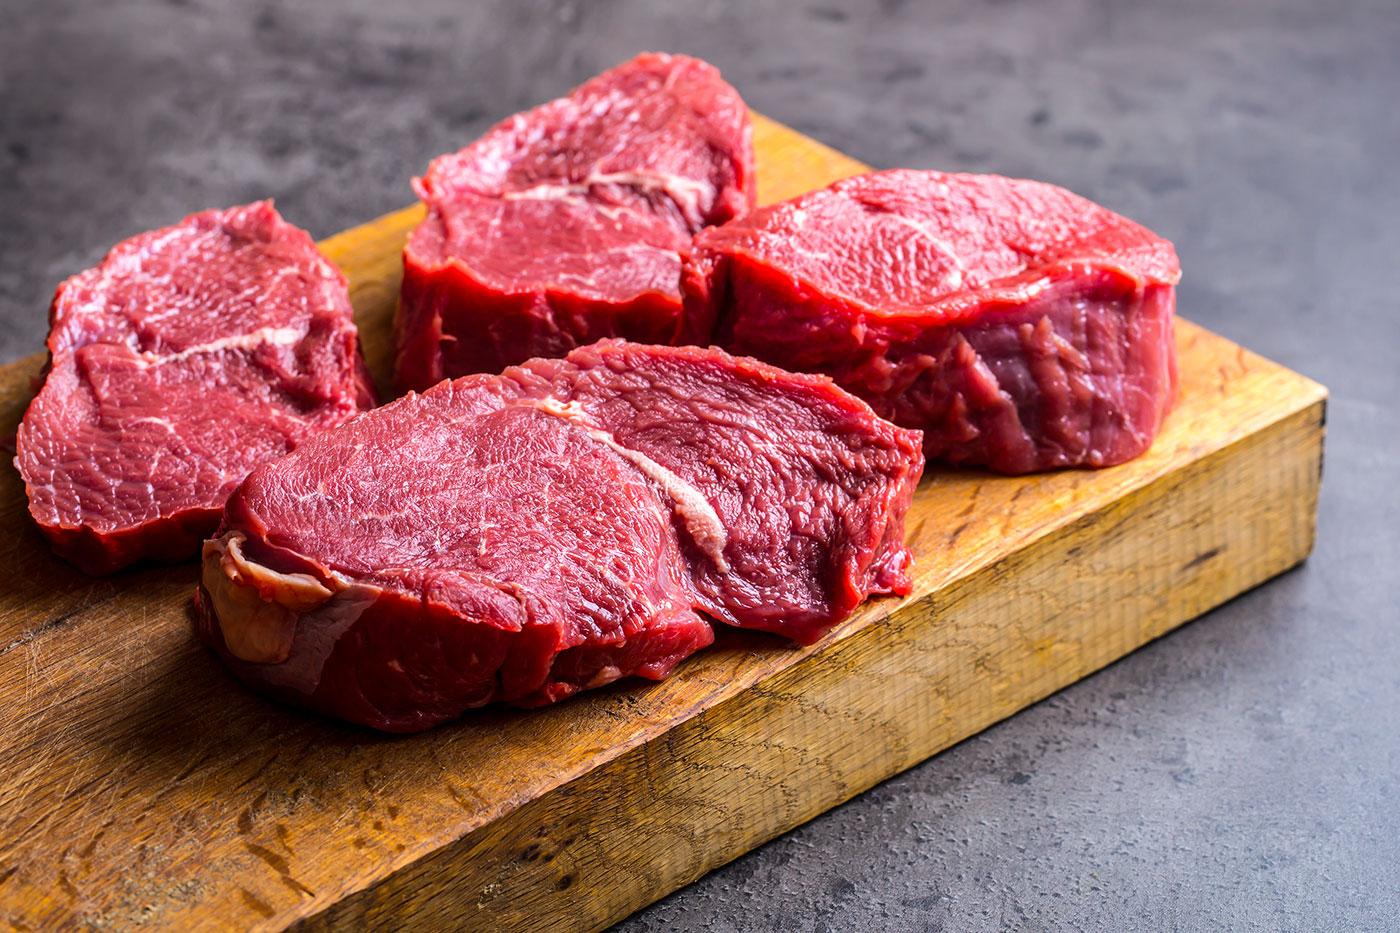 オススメお肉1つ目:牛肉